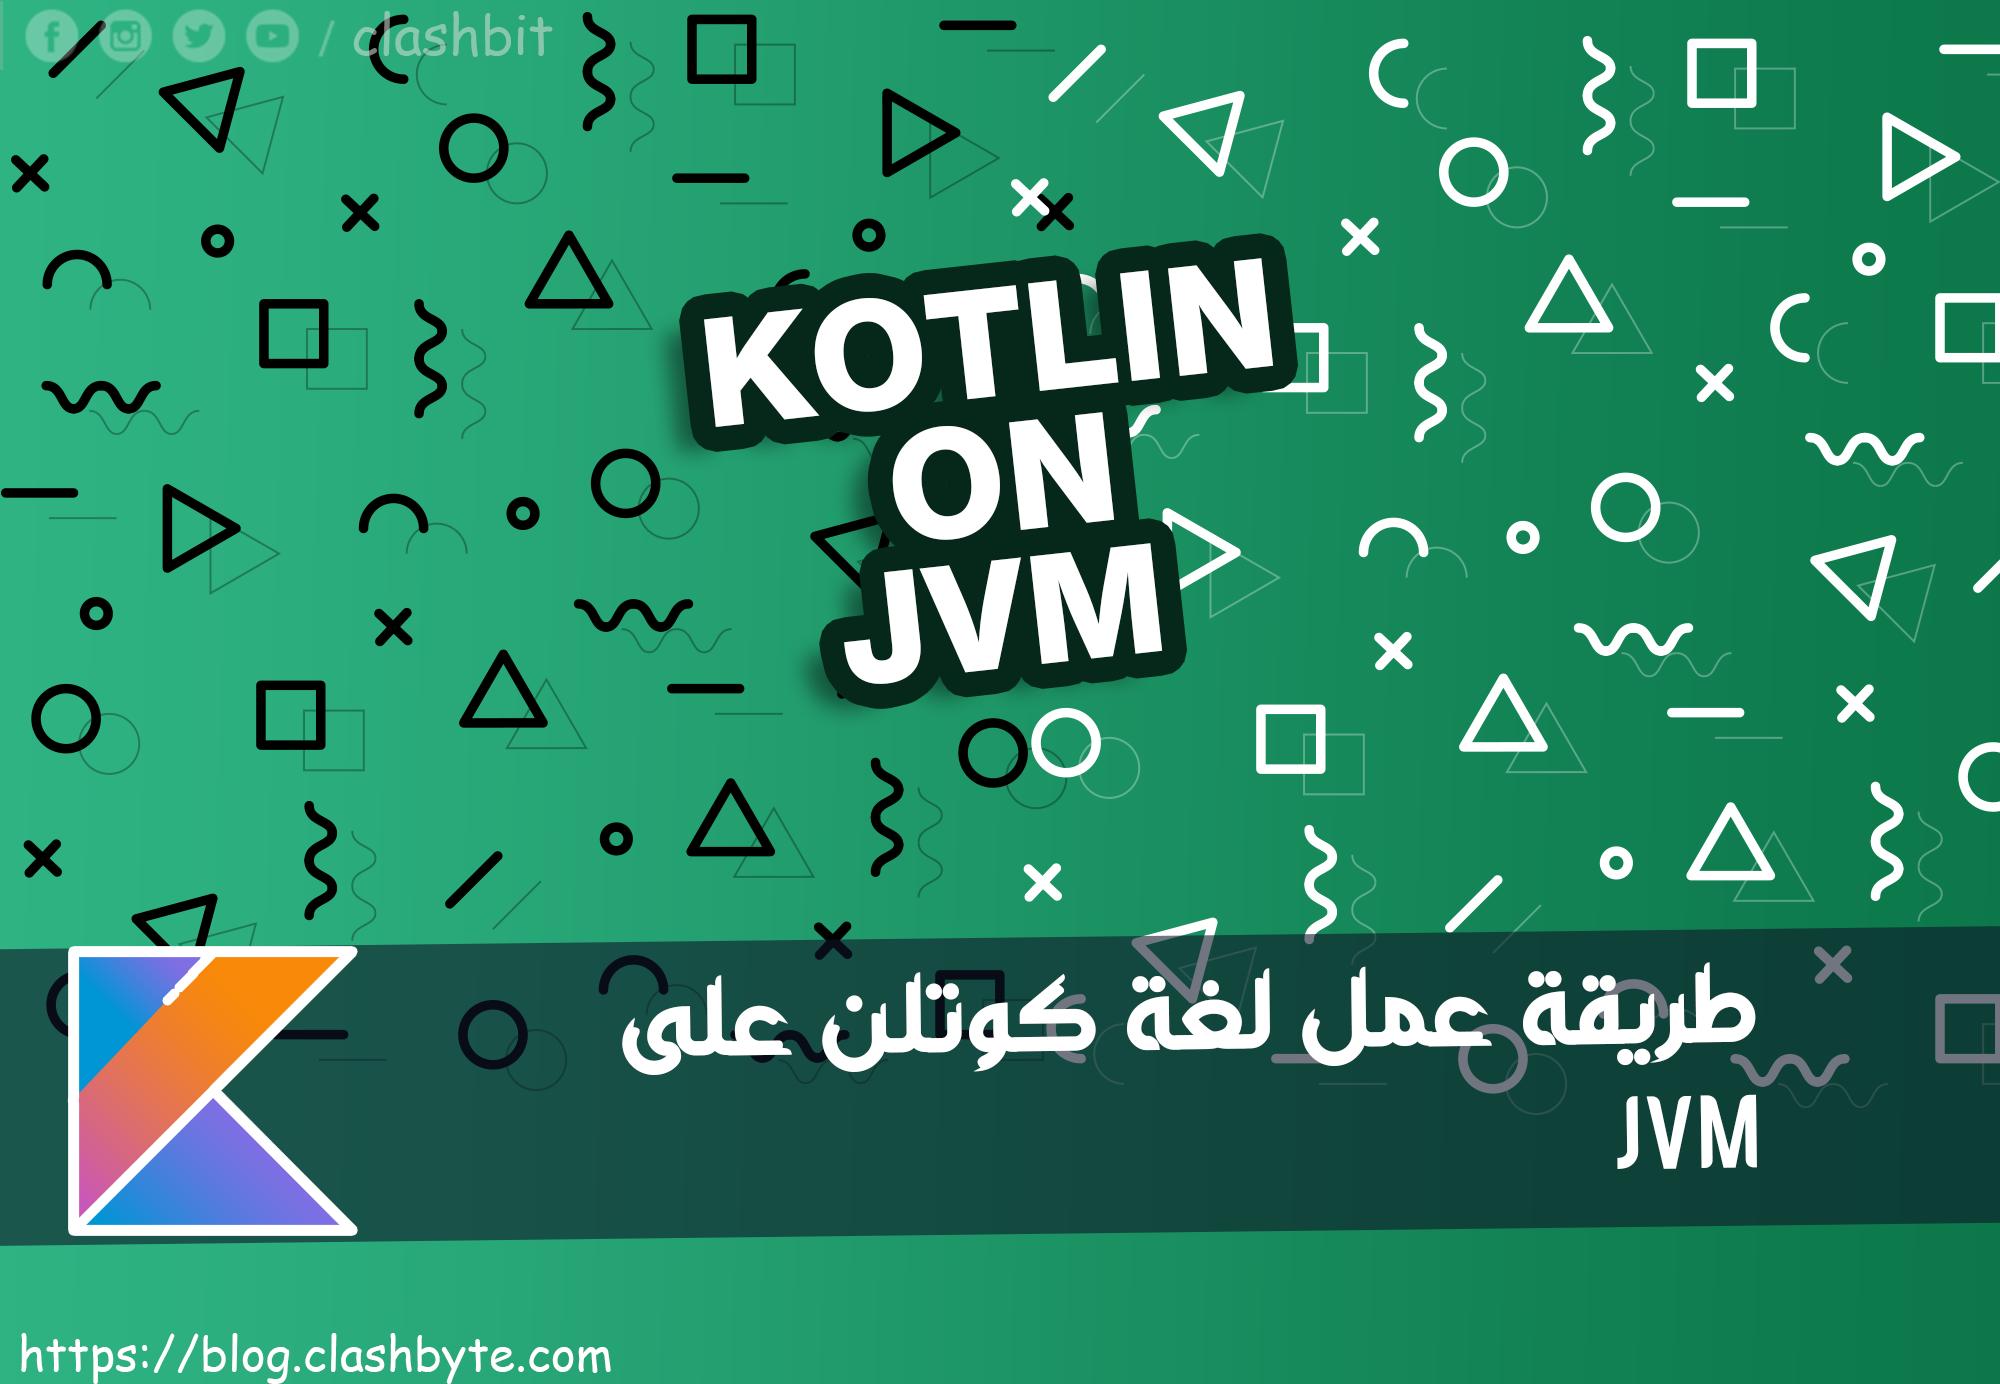 طريقة عمل لغة كوتلن على JVM